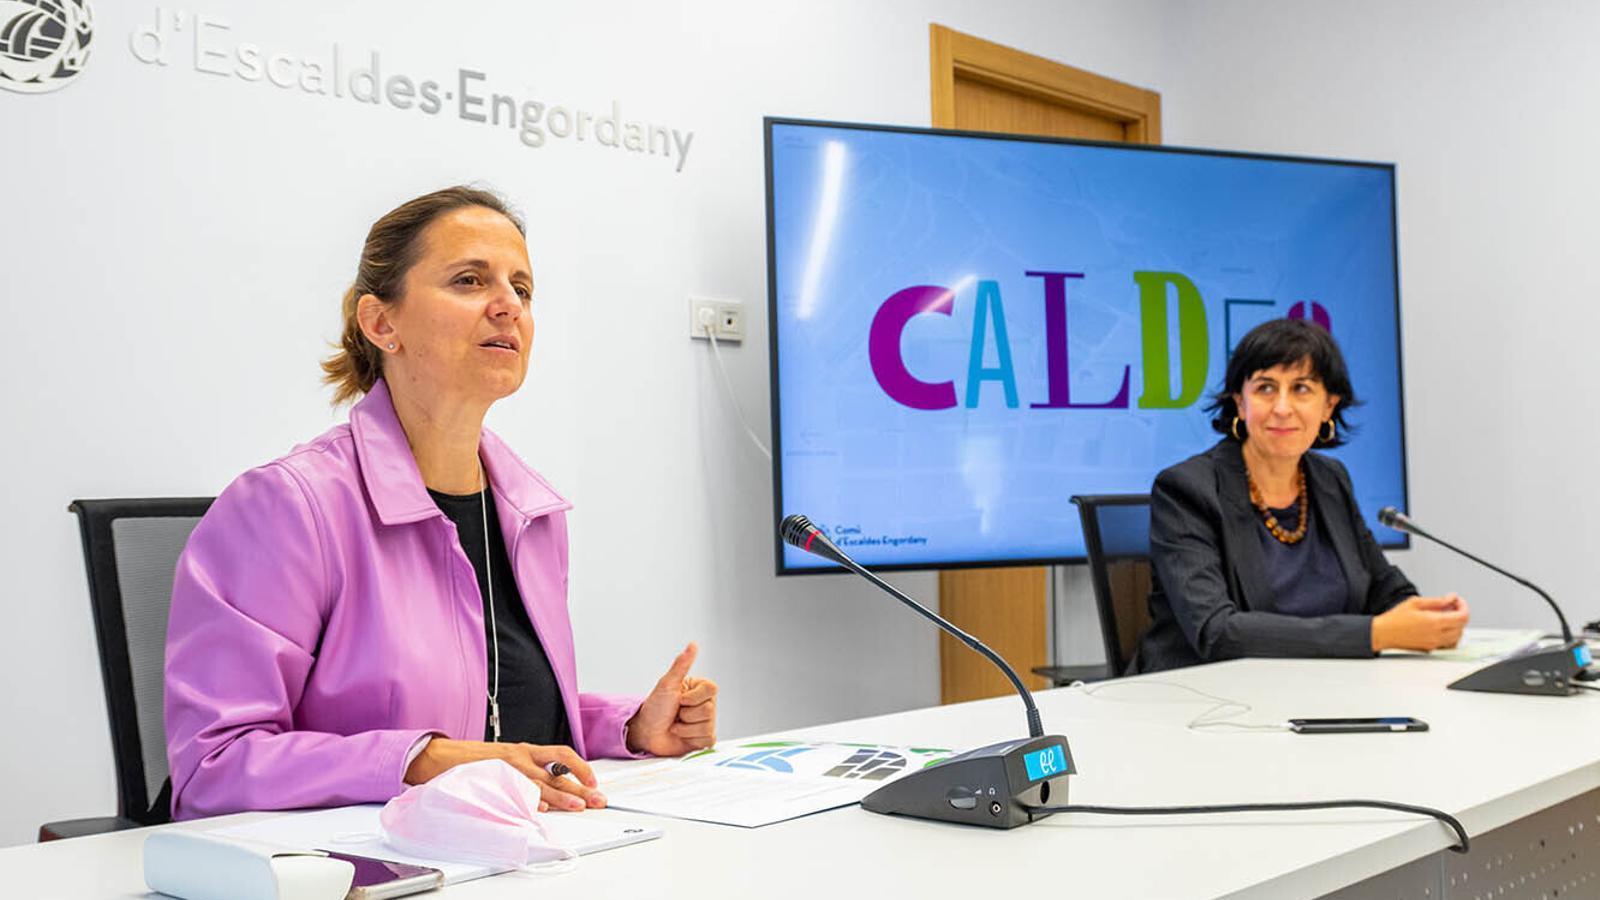 La cònsol major d'Escaldes-Engordany, Rosa Gili, i la responsable de projectes estratègics del comú, Montserrat Martell, durant la presentació d'un dels darrers actes culturals. / COMÚ D'ESCALDES-ENGORDANY